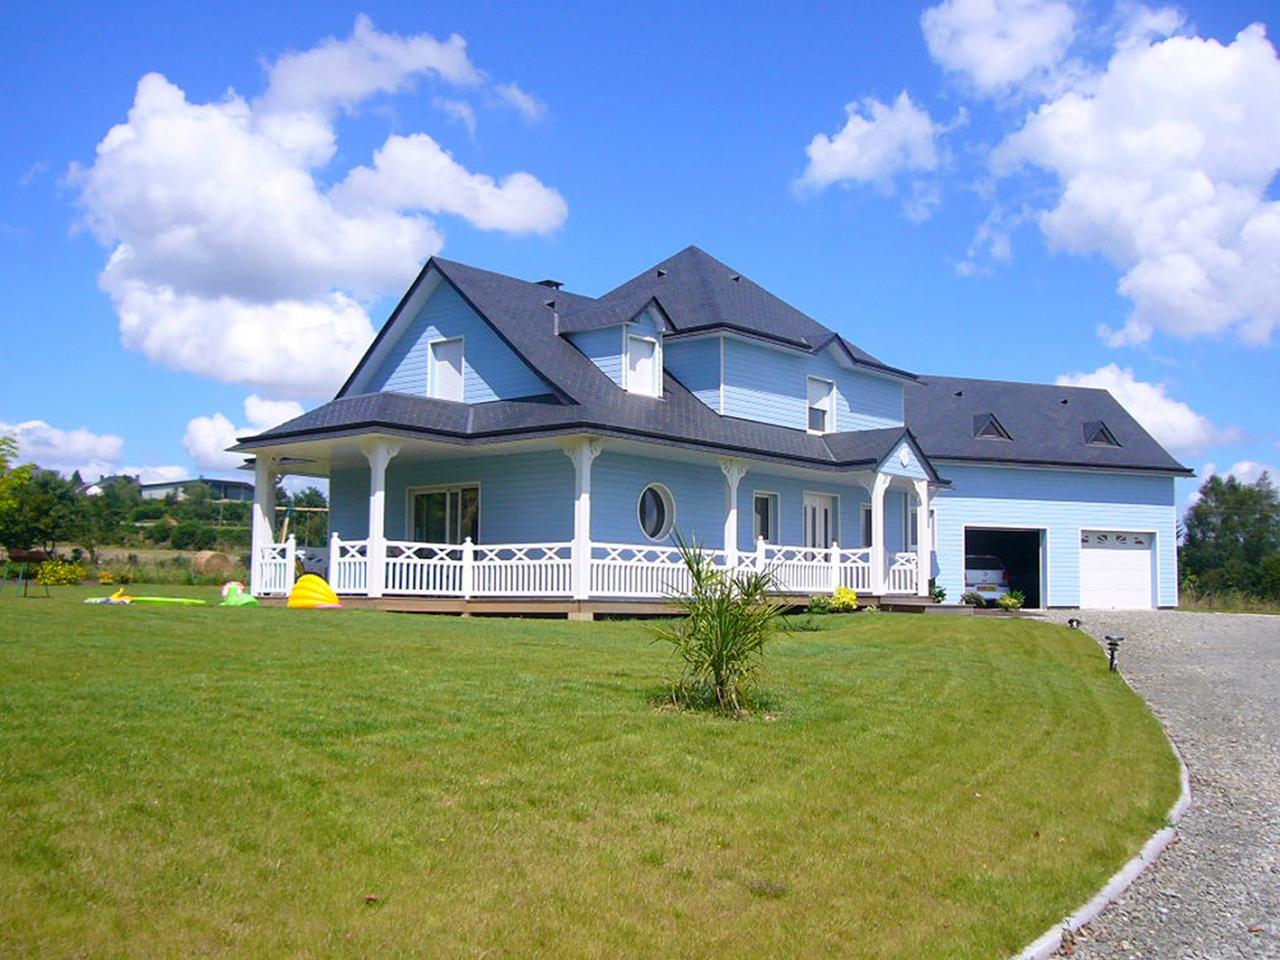 DEROUET constructeur de maison bois en Mayenne (53), expert en ...